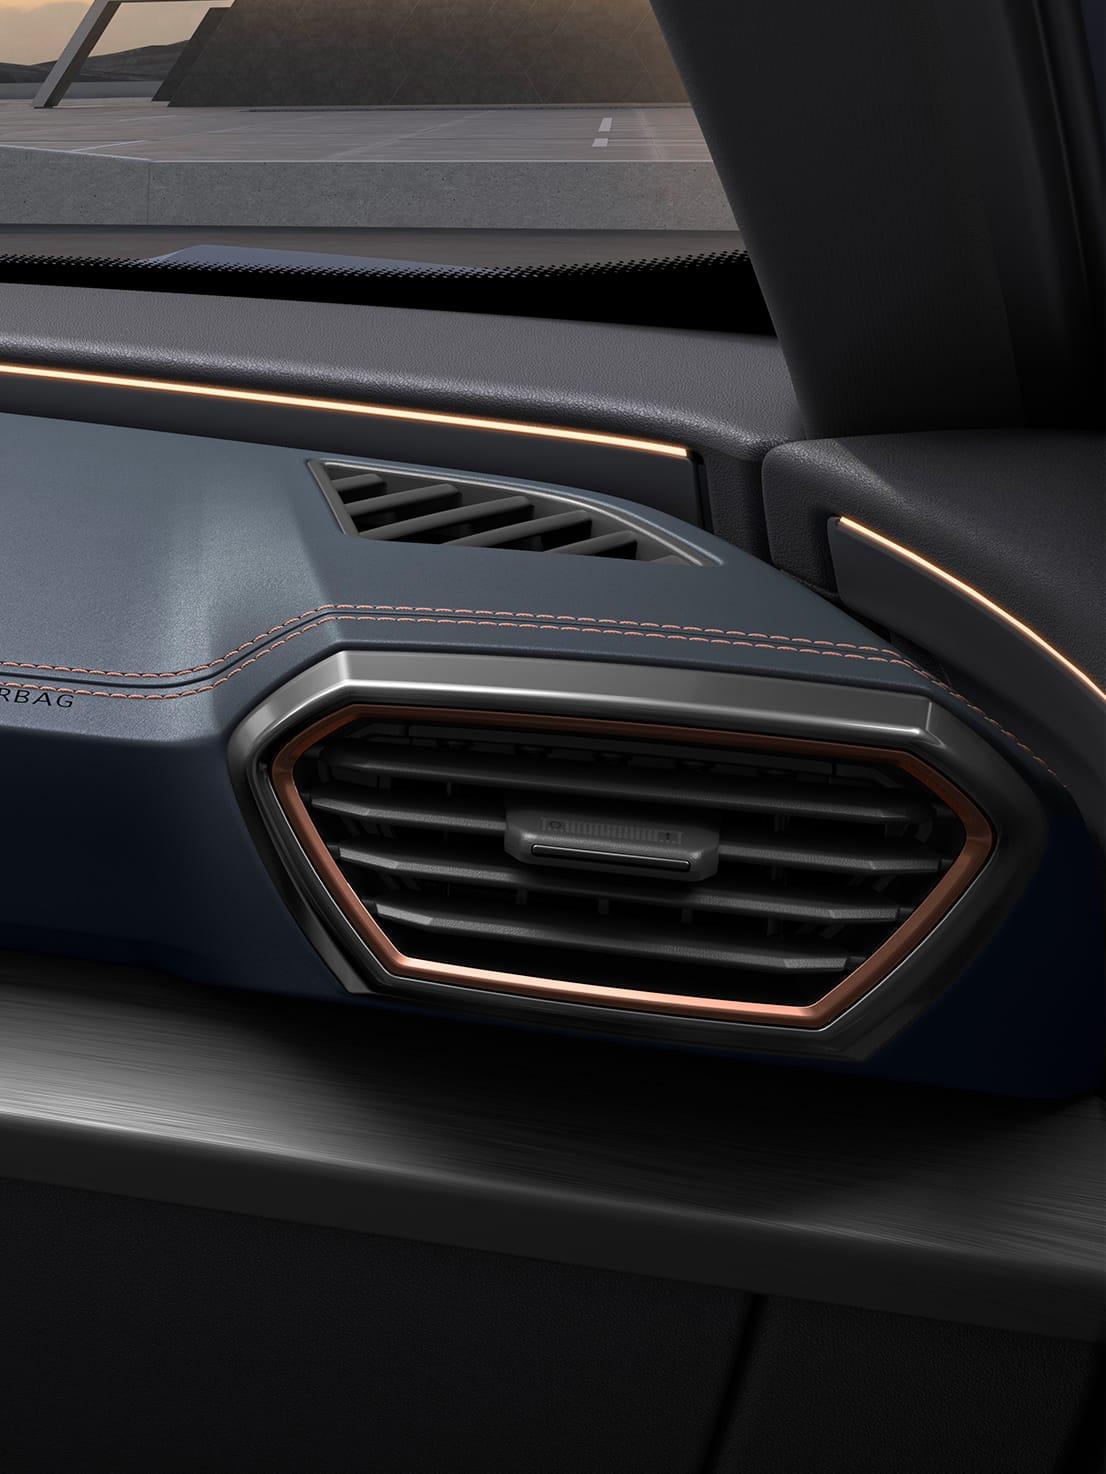 neuer cupra formentor kompakt-suv mit kupferfarbenen details an den lüftungsöffnungen